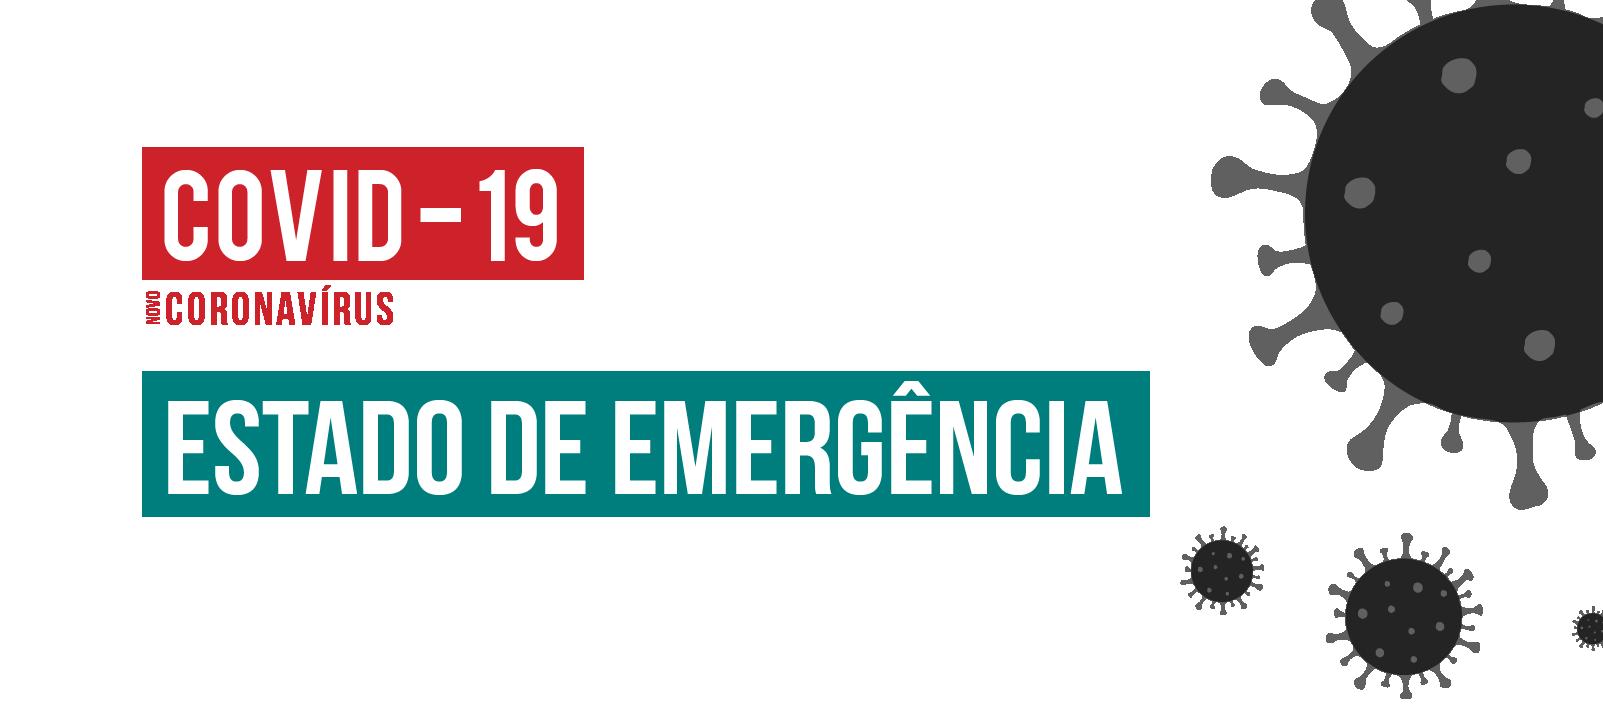 Novas restrições no Estado de Emergência